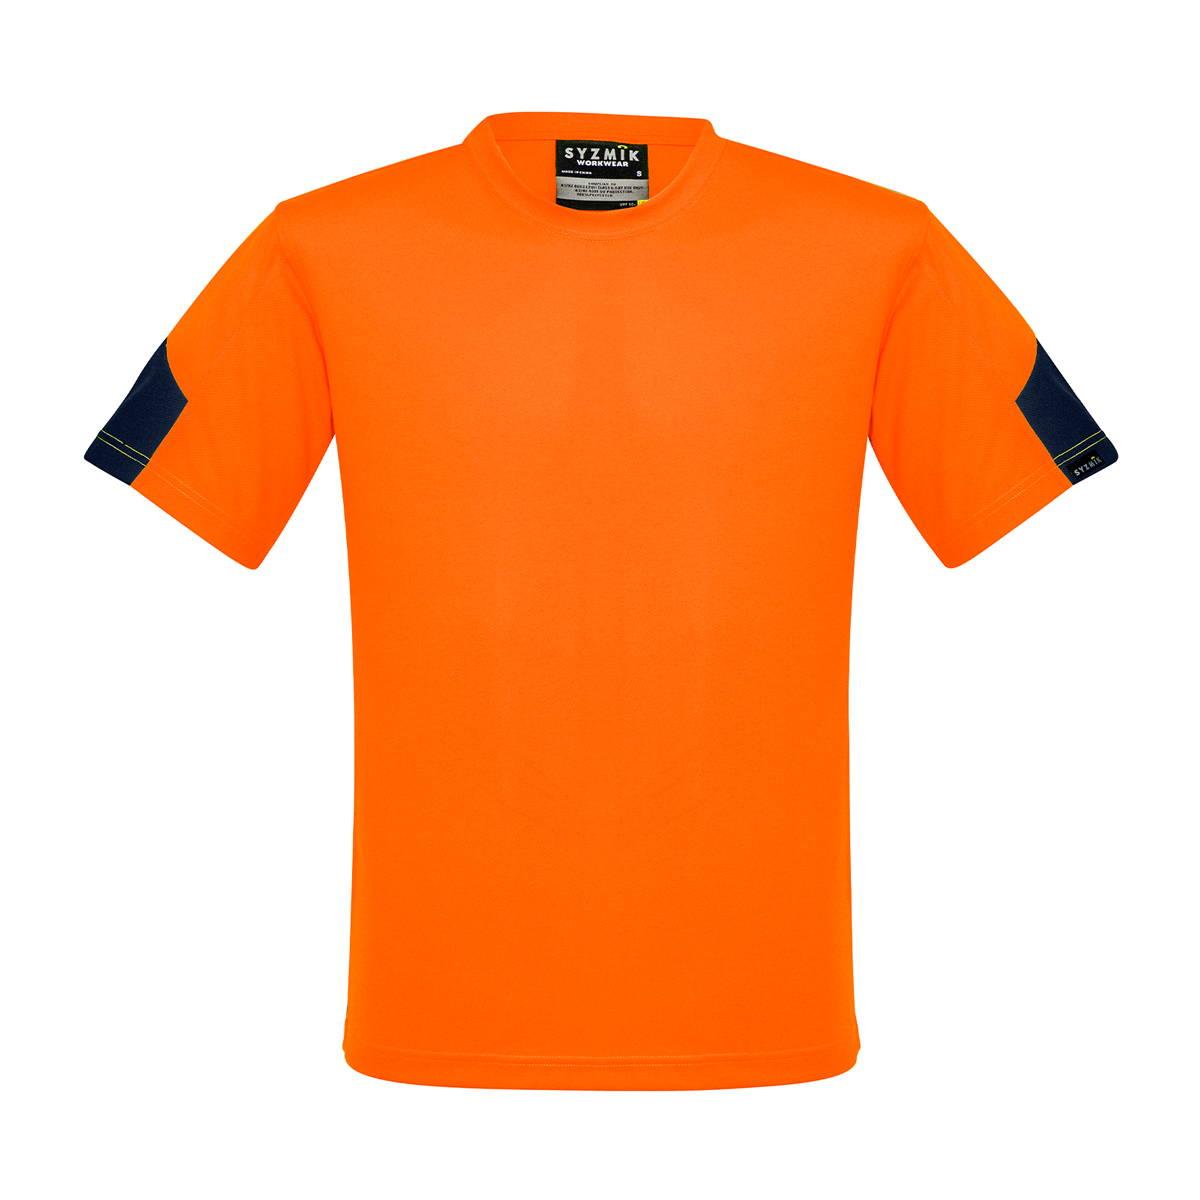 Tradie T-shirts - workwear